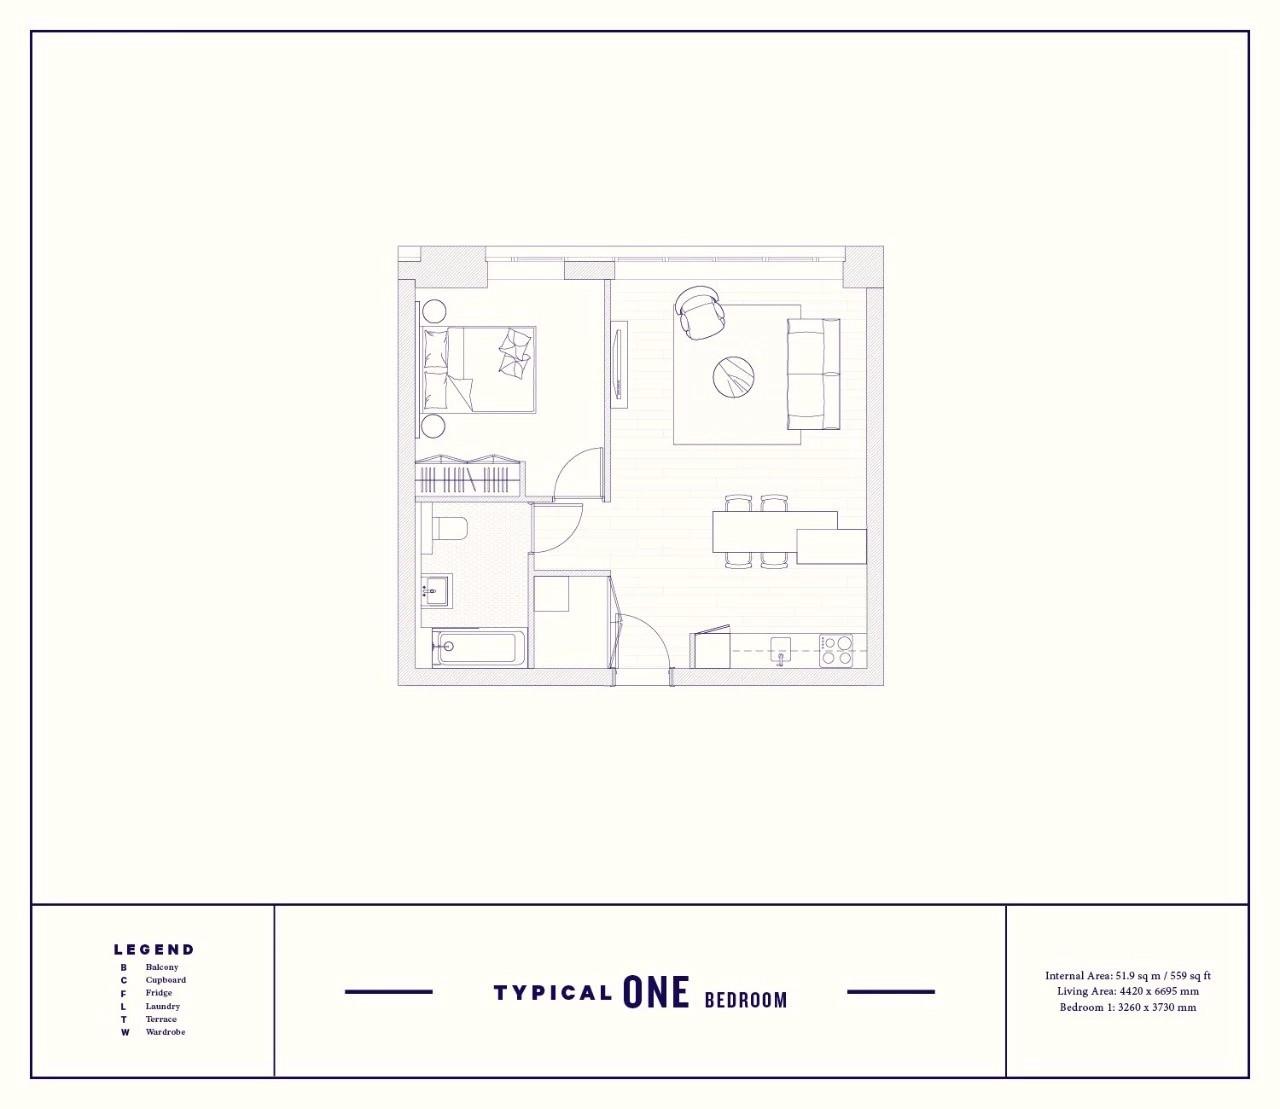 倫敦泰晤士河畔270° 濱水公寓丨首付僅¥17.8萬起插图13